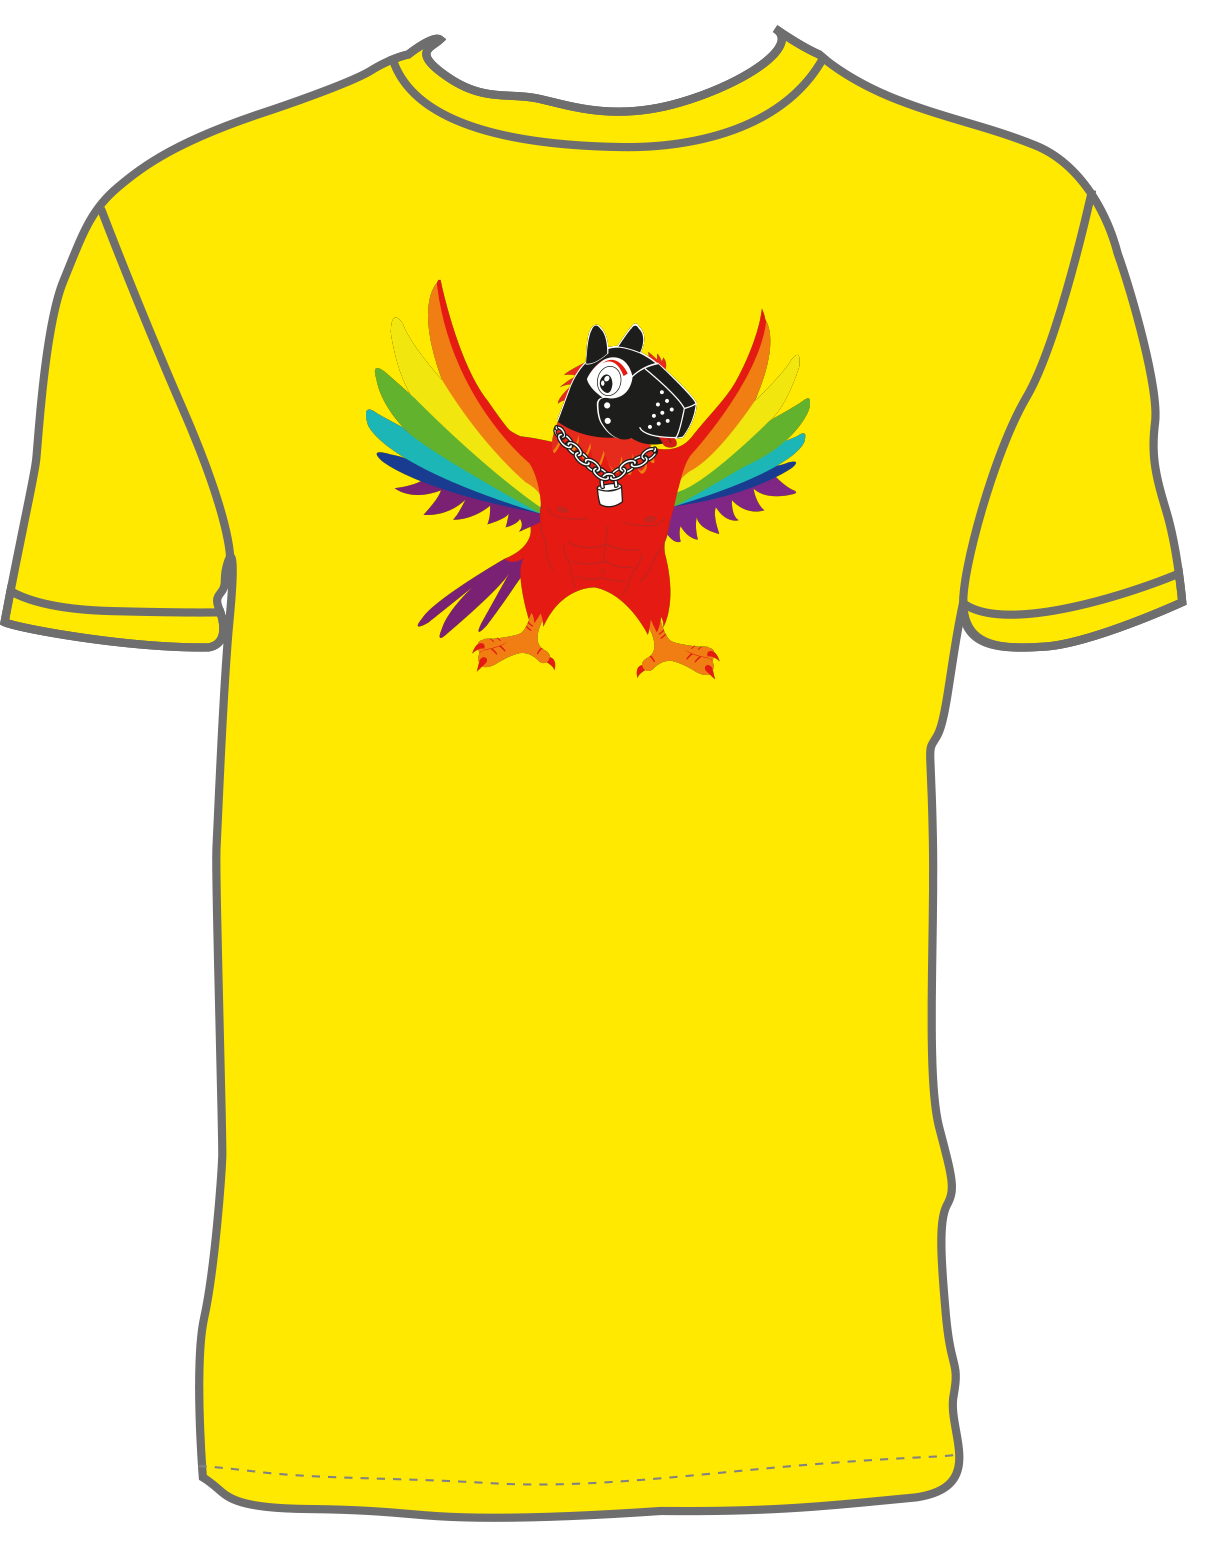 Coco Loco Coco Puppy - Yellow